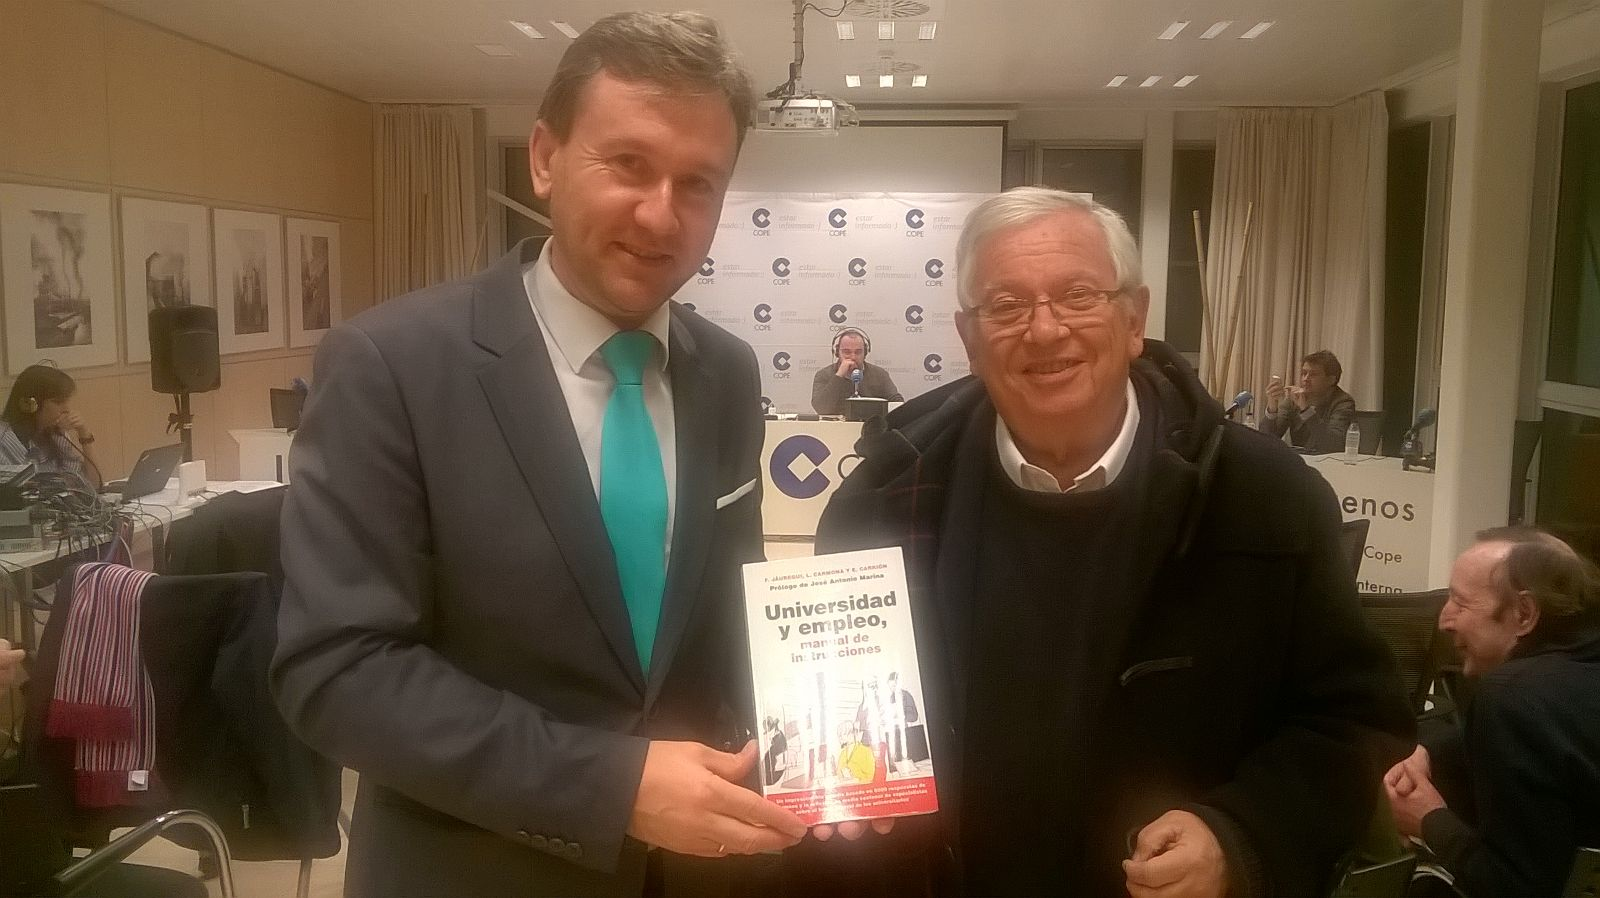 Javier Lacalle, Alcalde de Burgos, recibe el libeo 'Universidad y Empleo' de la mano de Fernando Jáuregui